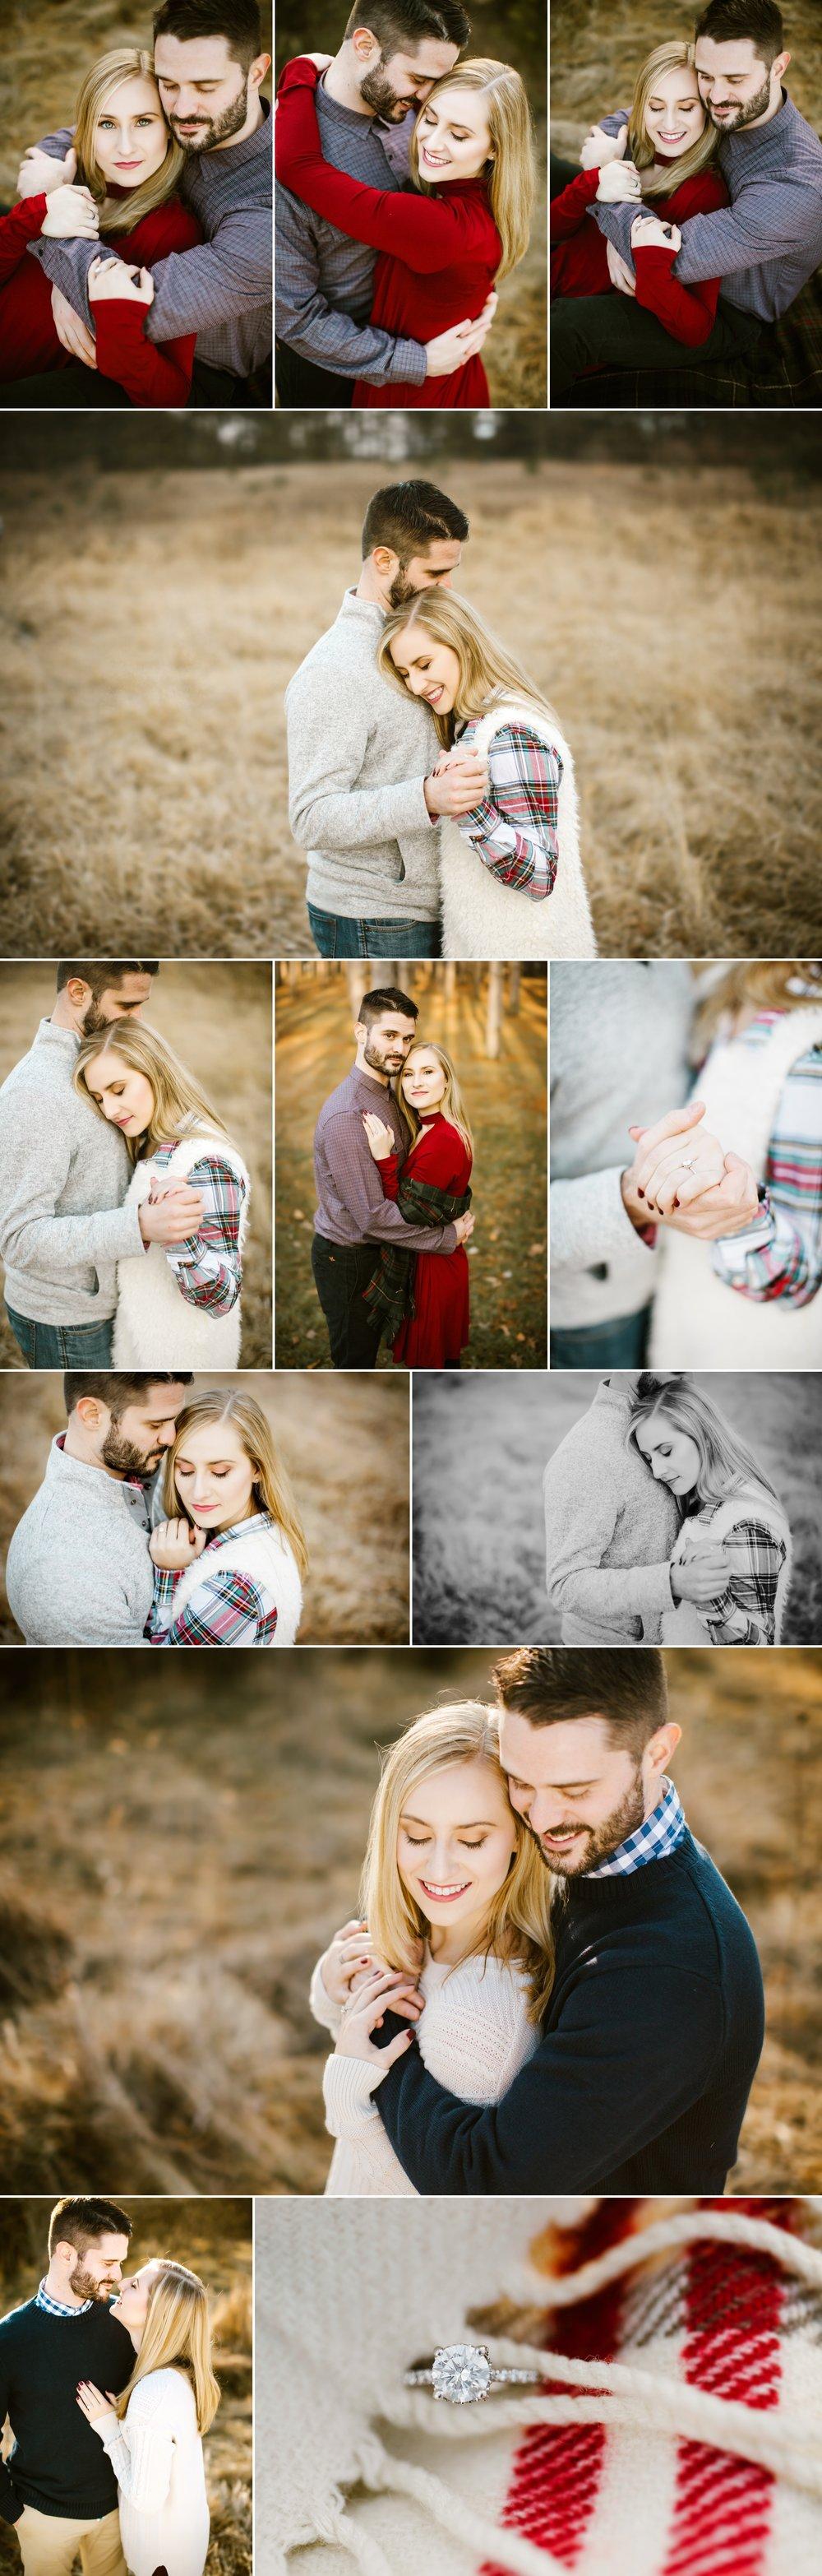 Katie + Aaron Blog 3.jpg